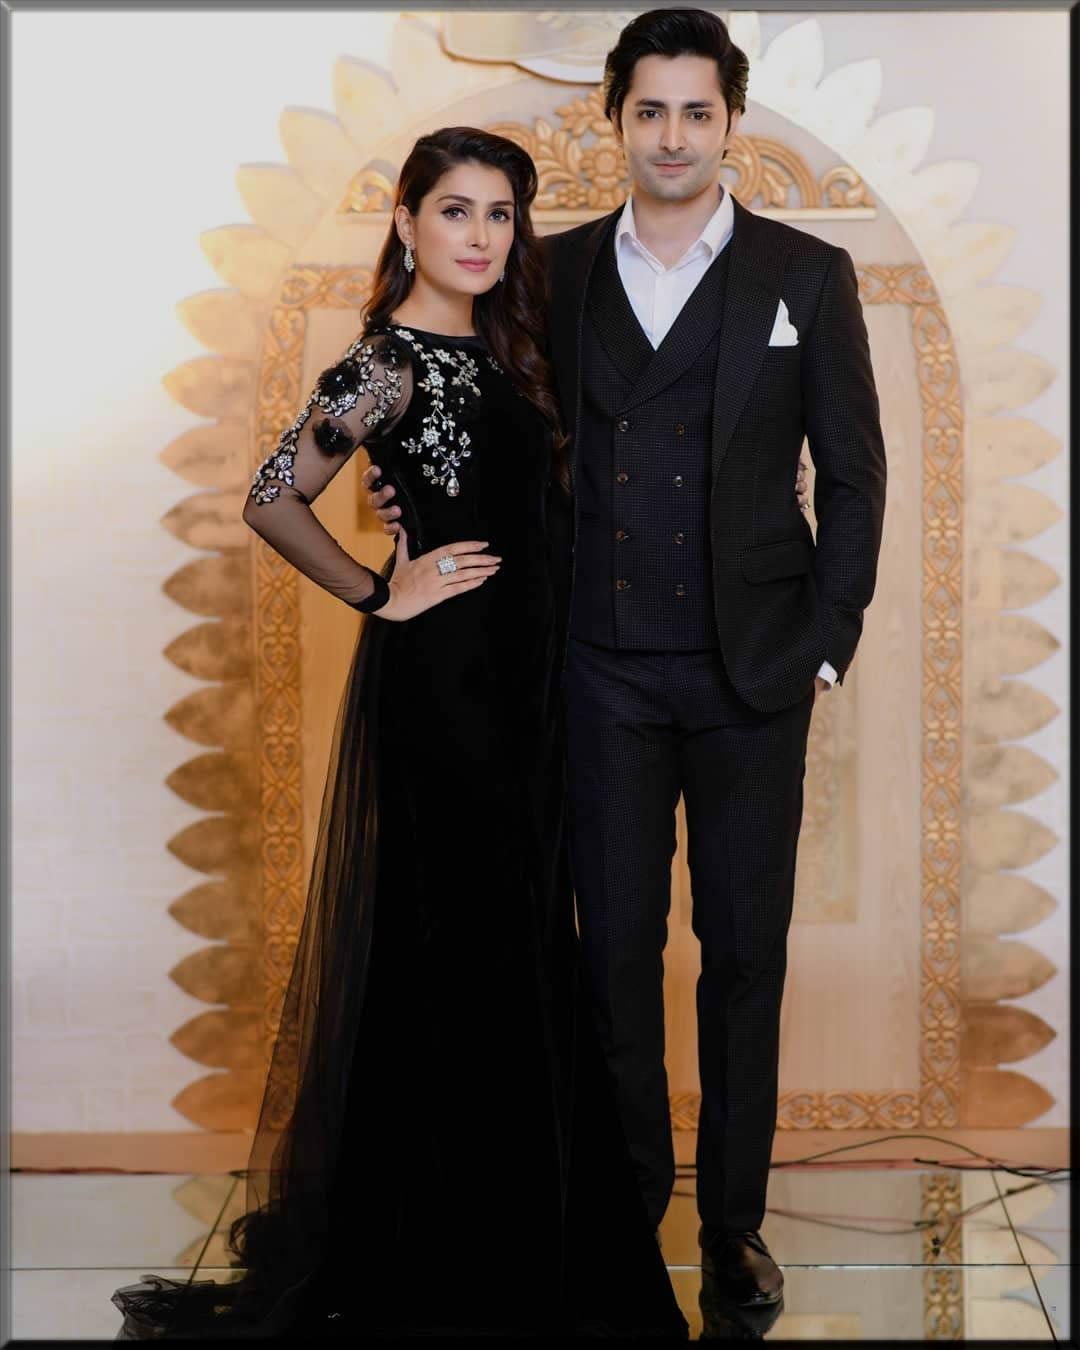 ayeza and danish in black